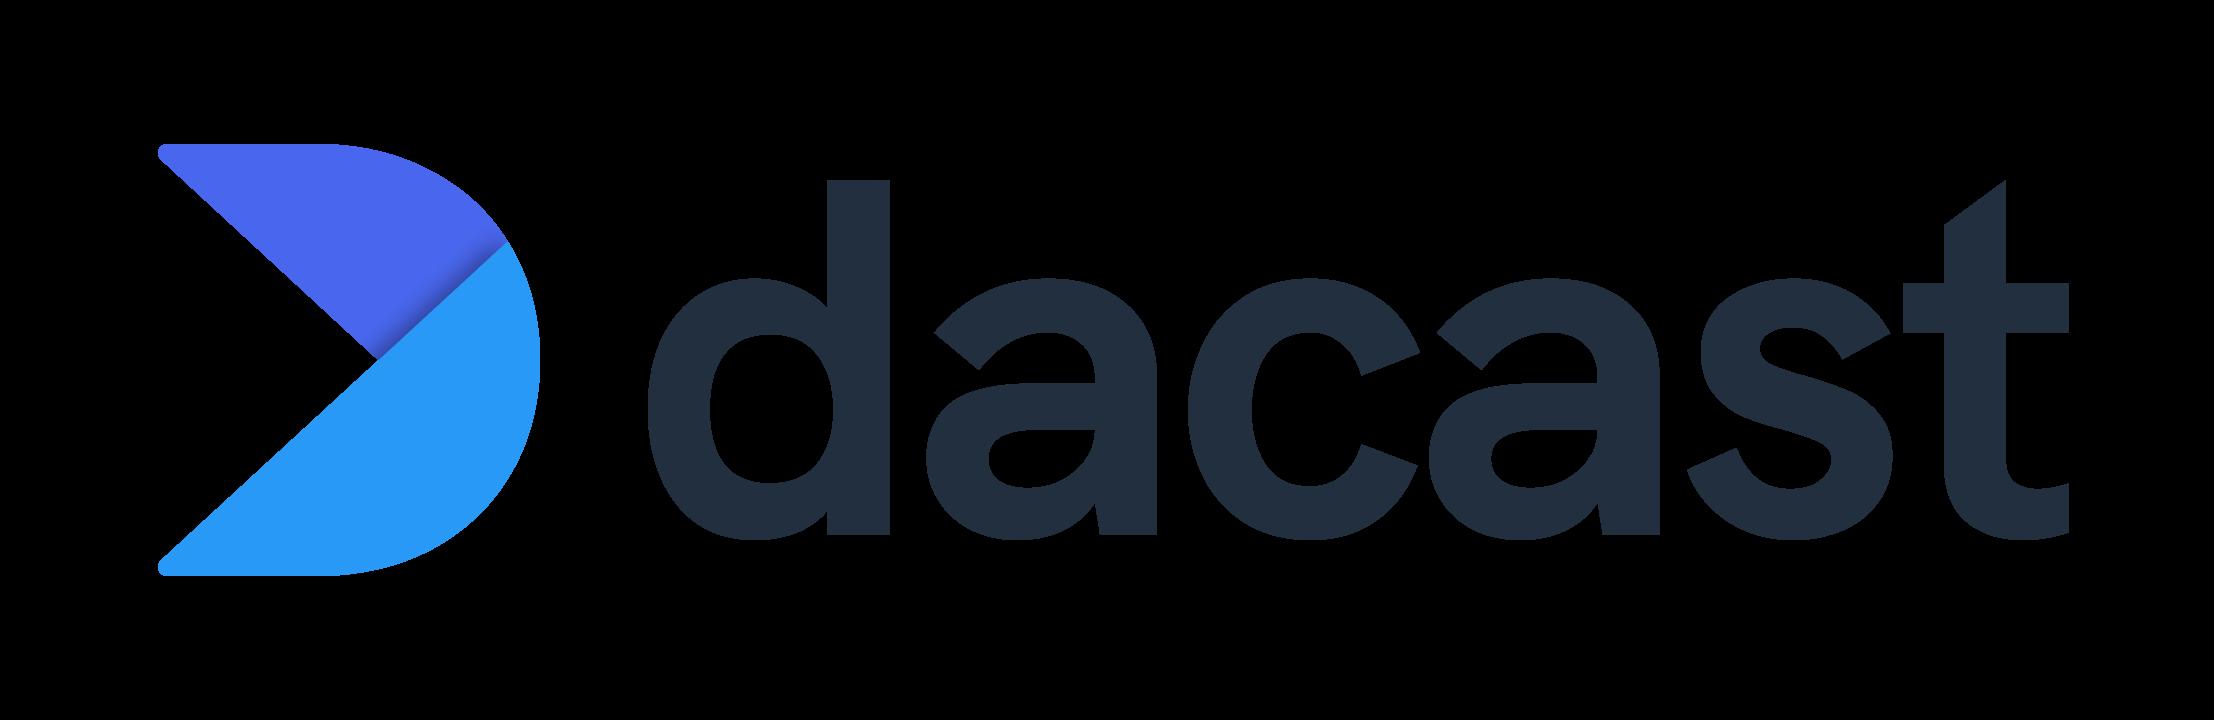 Площадки для видео-стриминга, Dacast